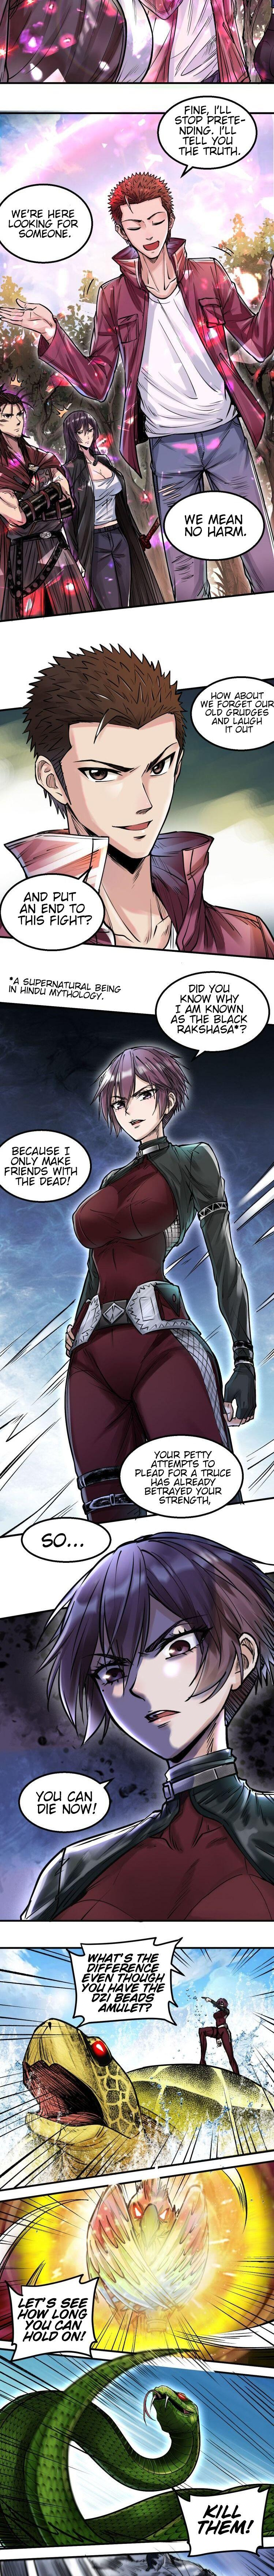 A Strange World Chapter 43 page 4 - Mangakakalots.com